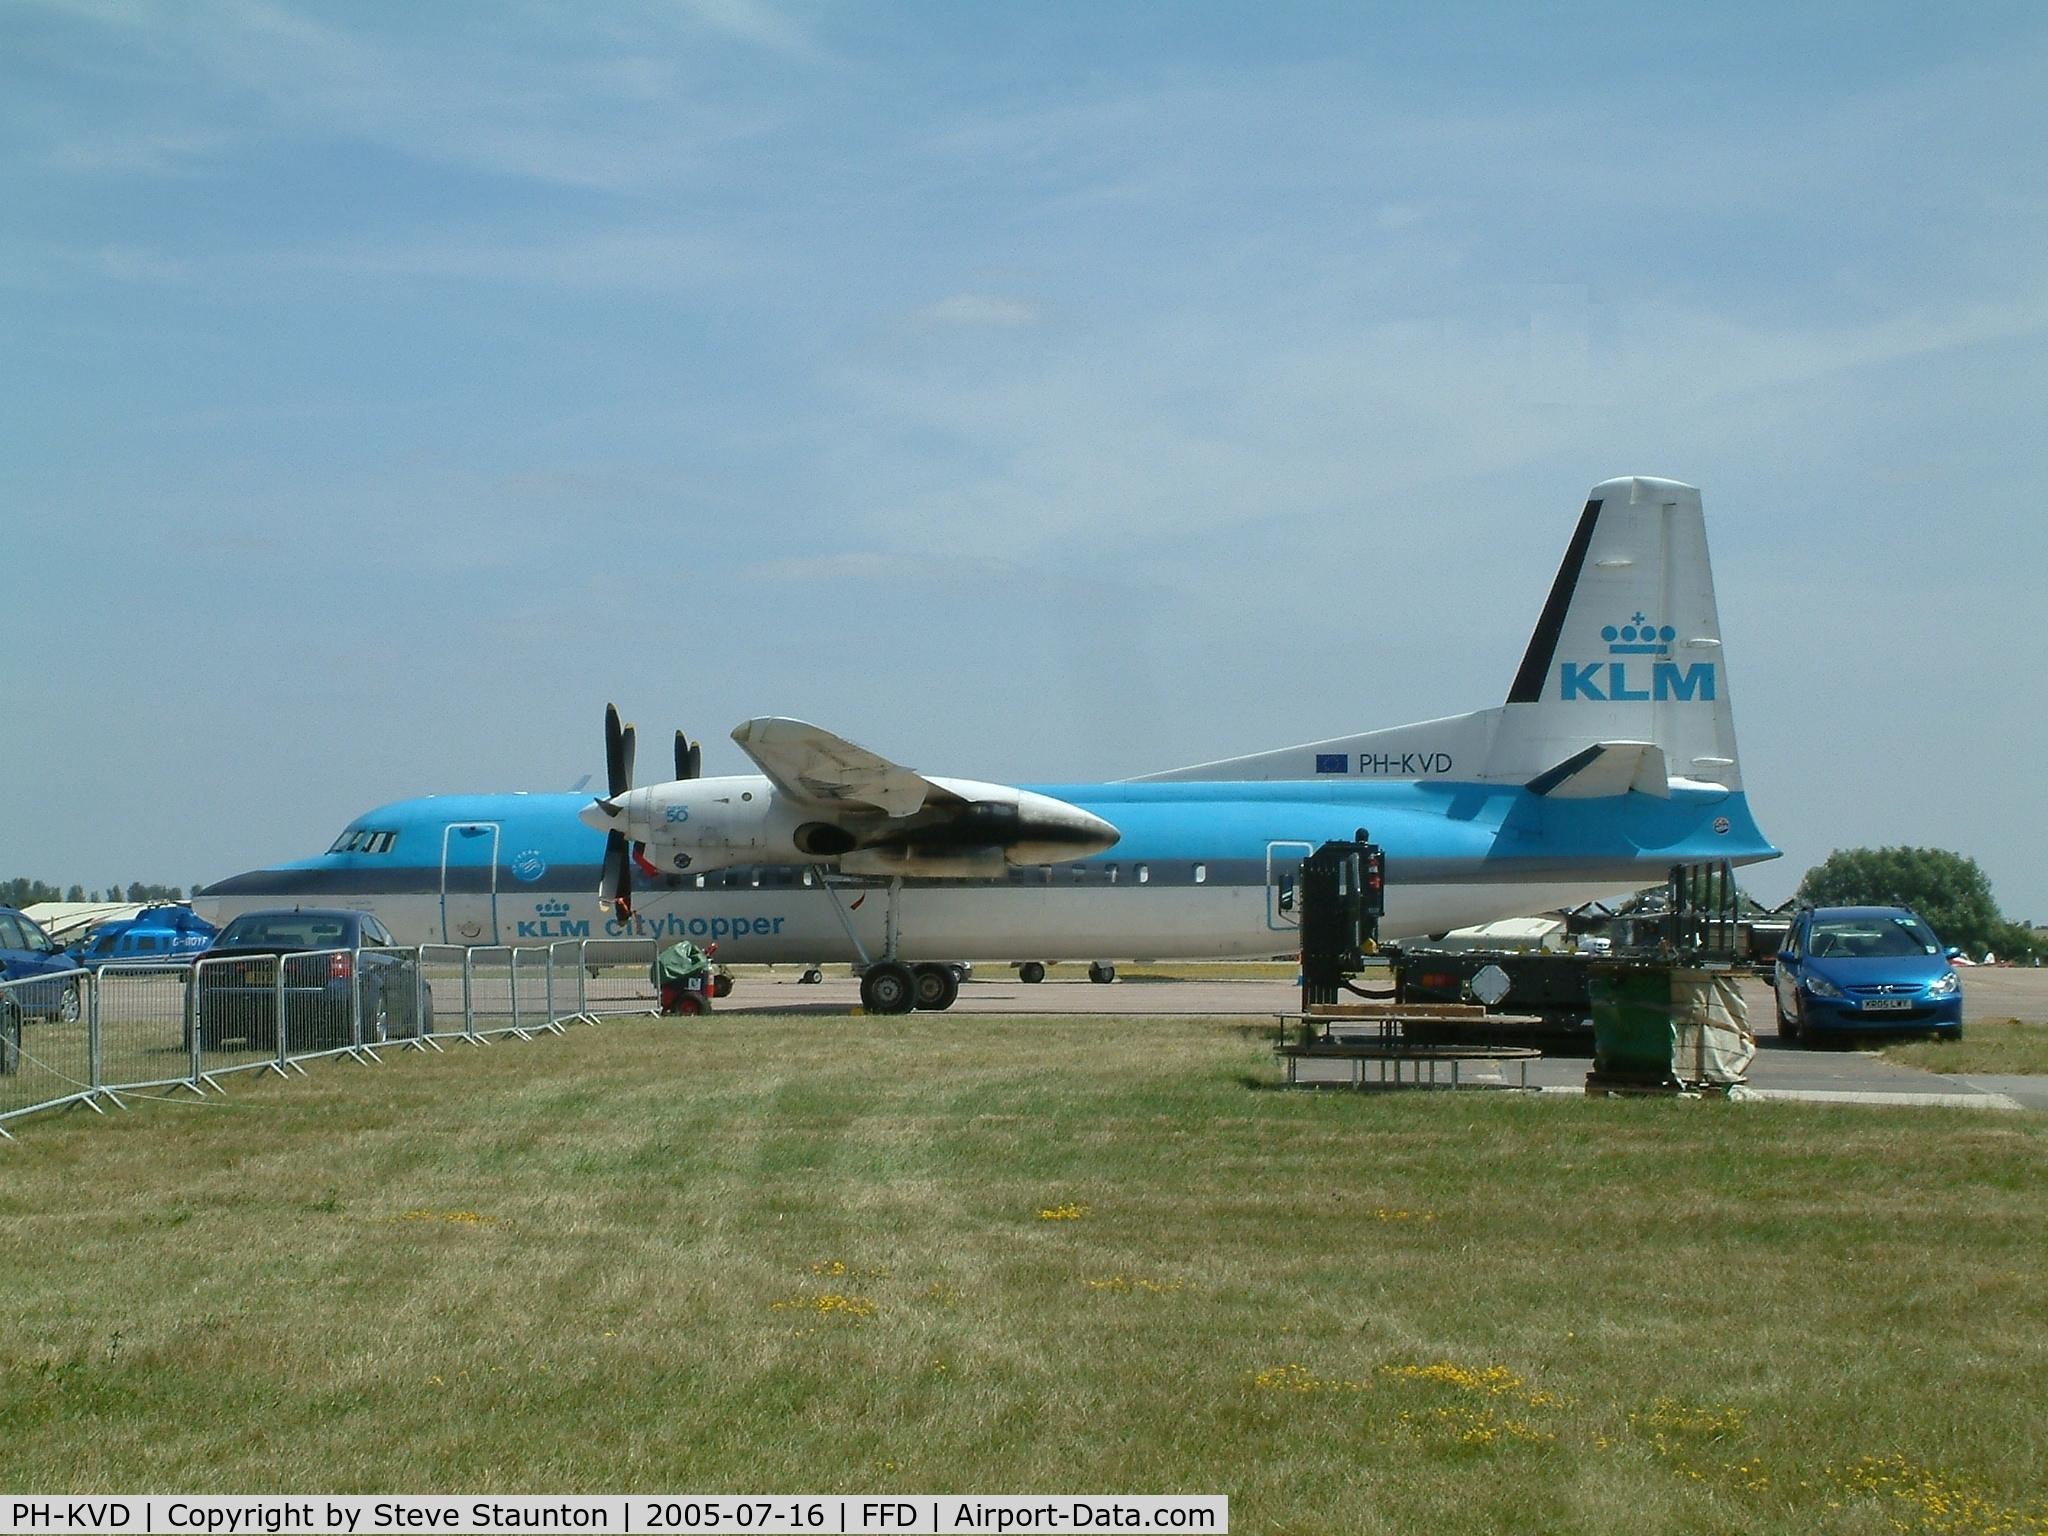 PH-KVD, 1990 Fokker 50 C/N 20197, Royal International Air Tattoo 2005